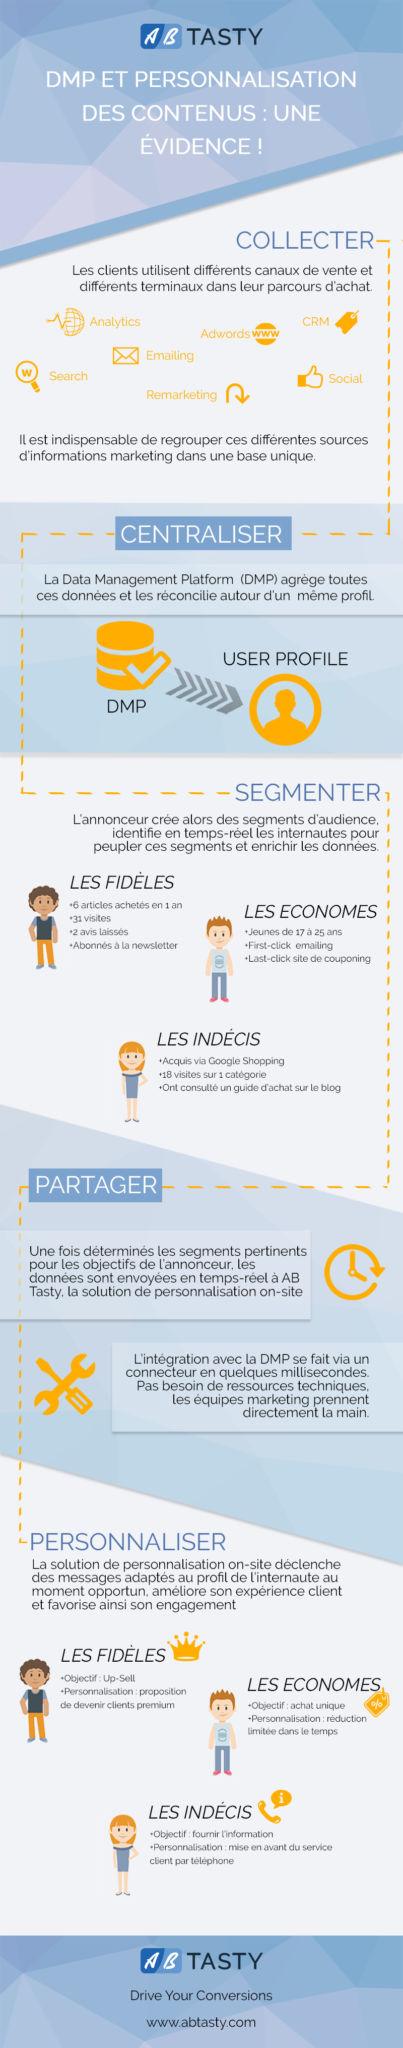 DMP-et-personnalisation